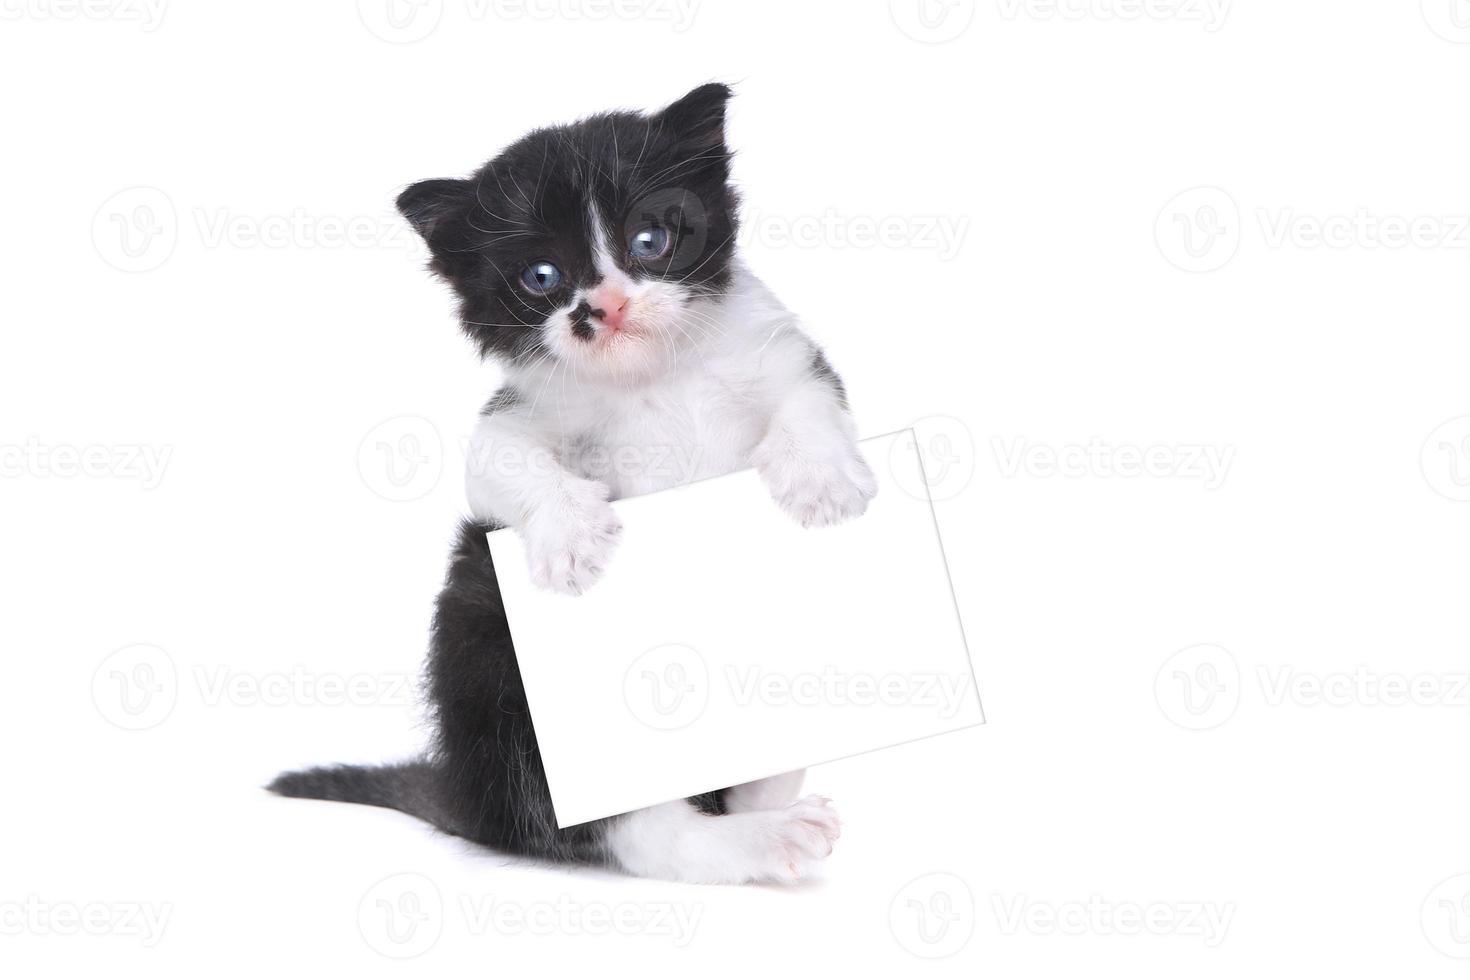 Lindo gatito estilo esmoquin bebé sobre fondo blanco. foto